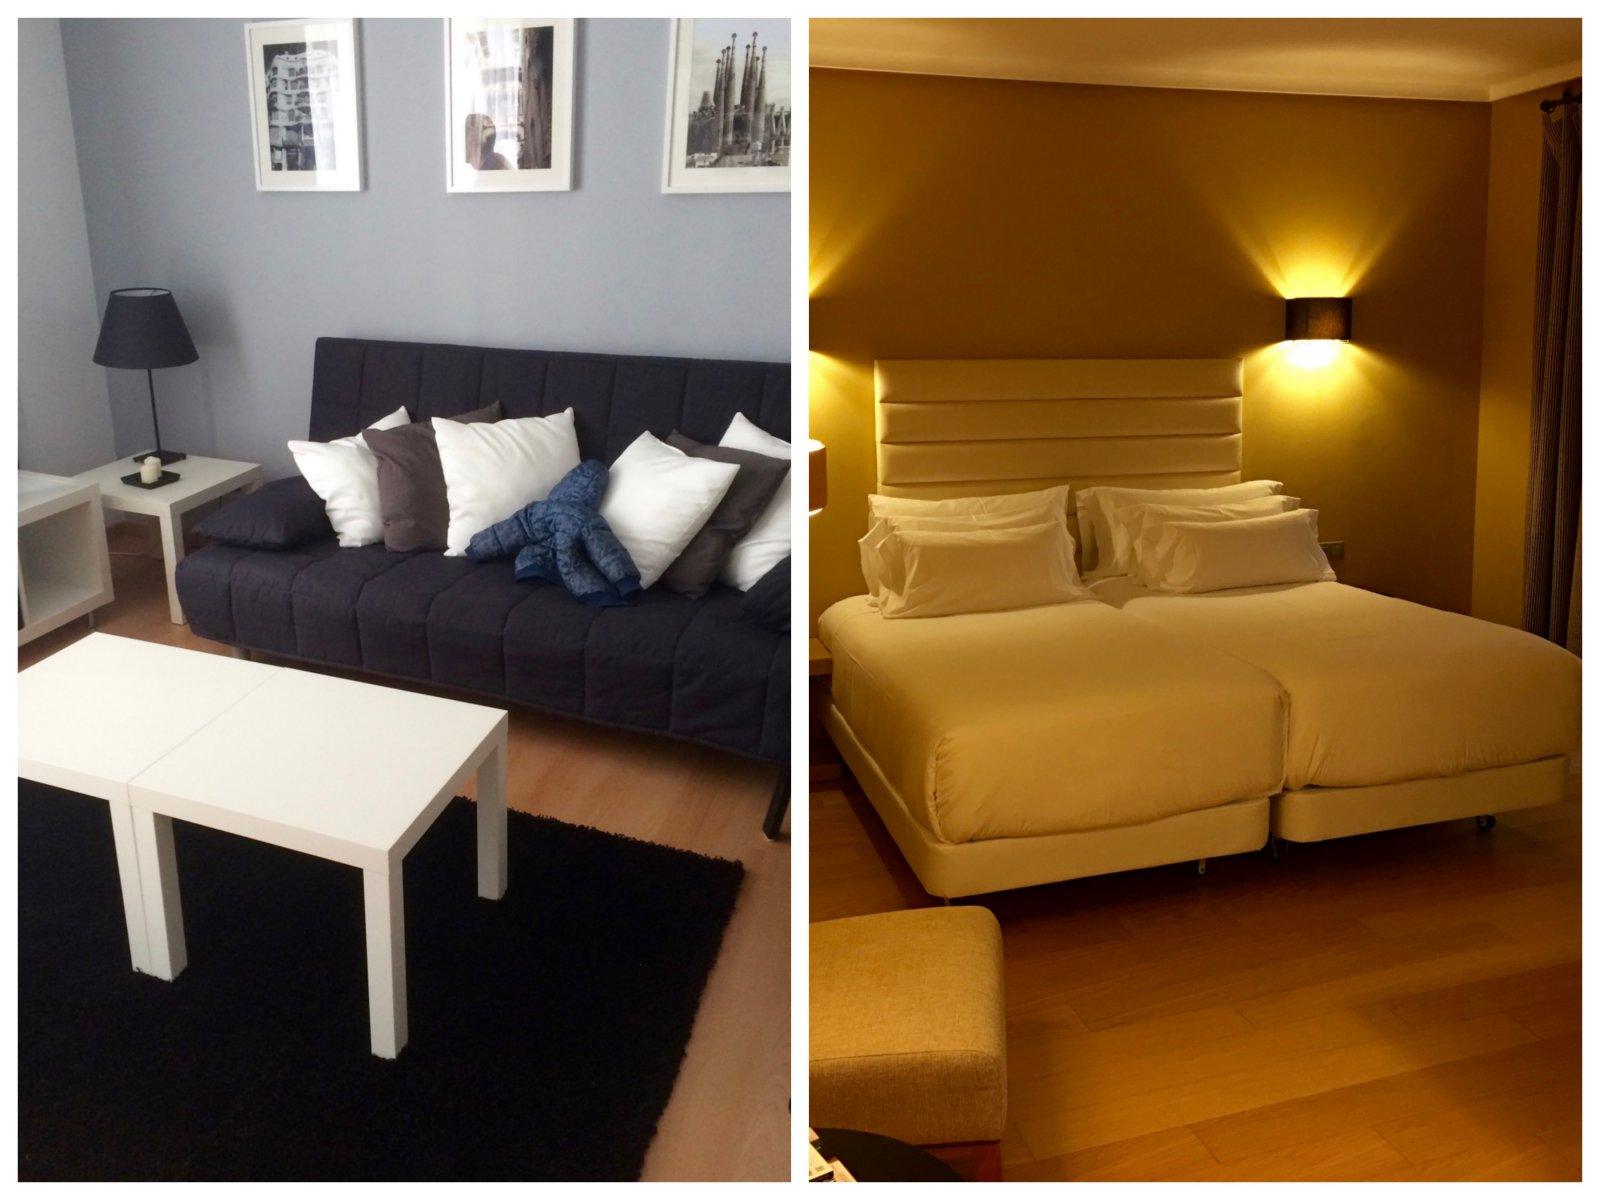 hotel o apartamento, nuestra experiencia con Homeaway